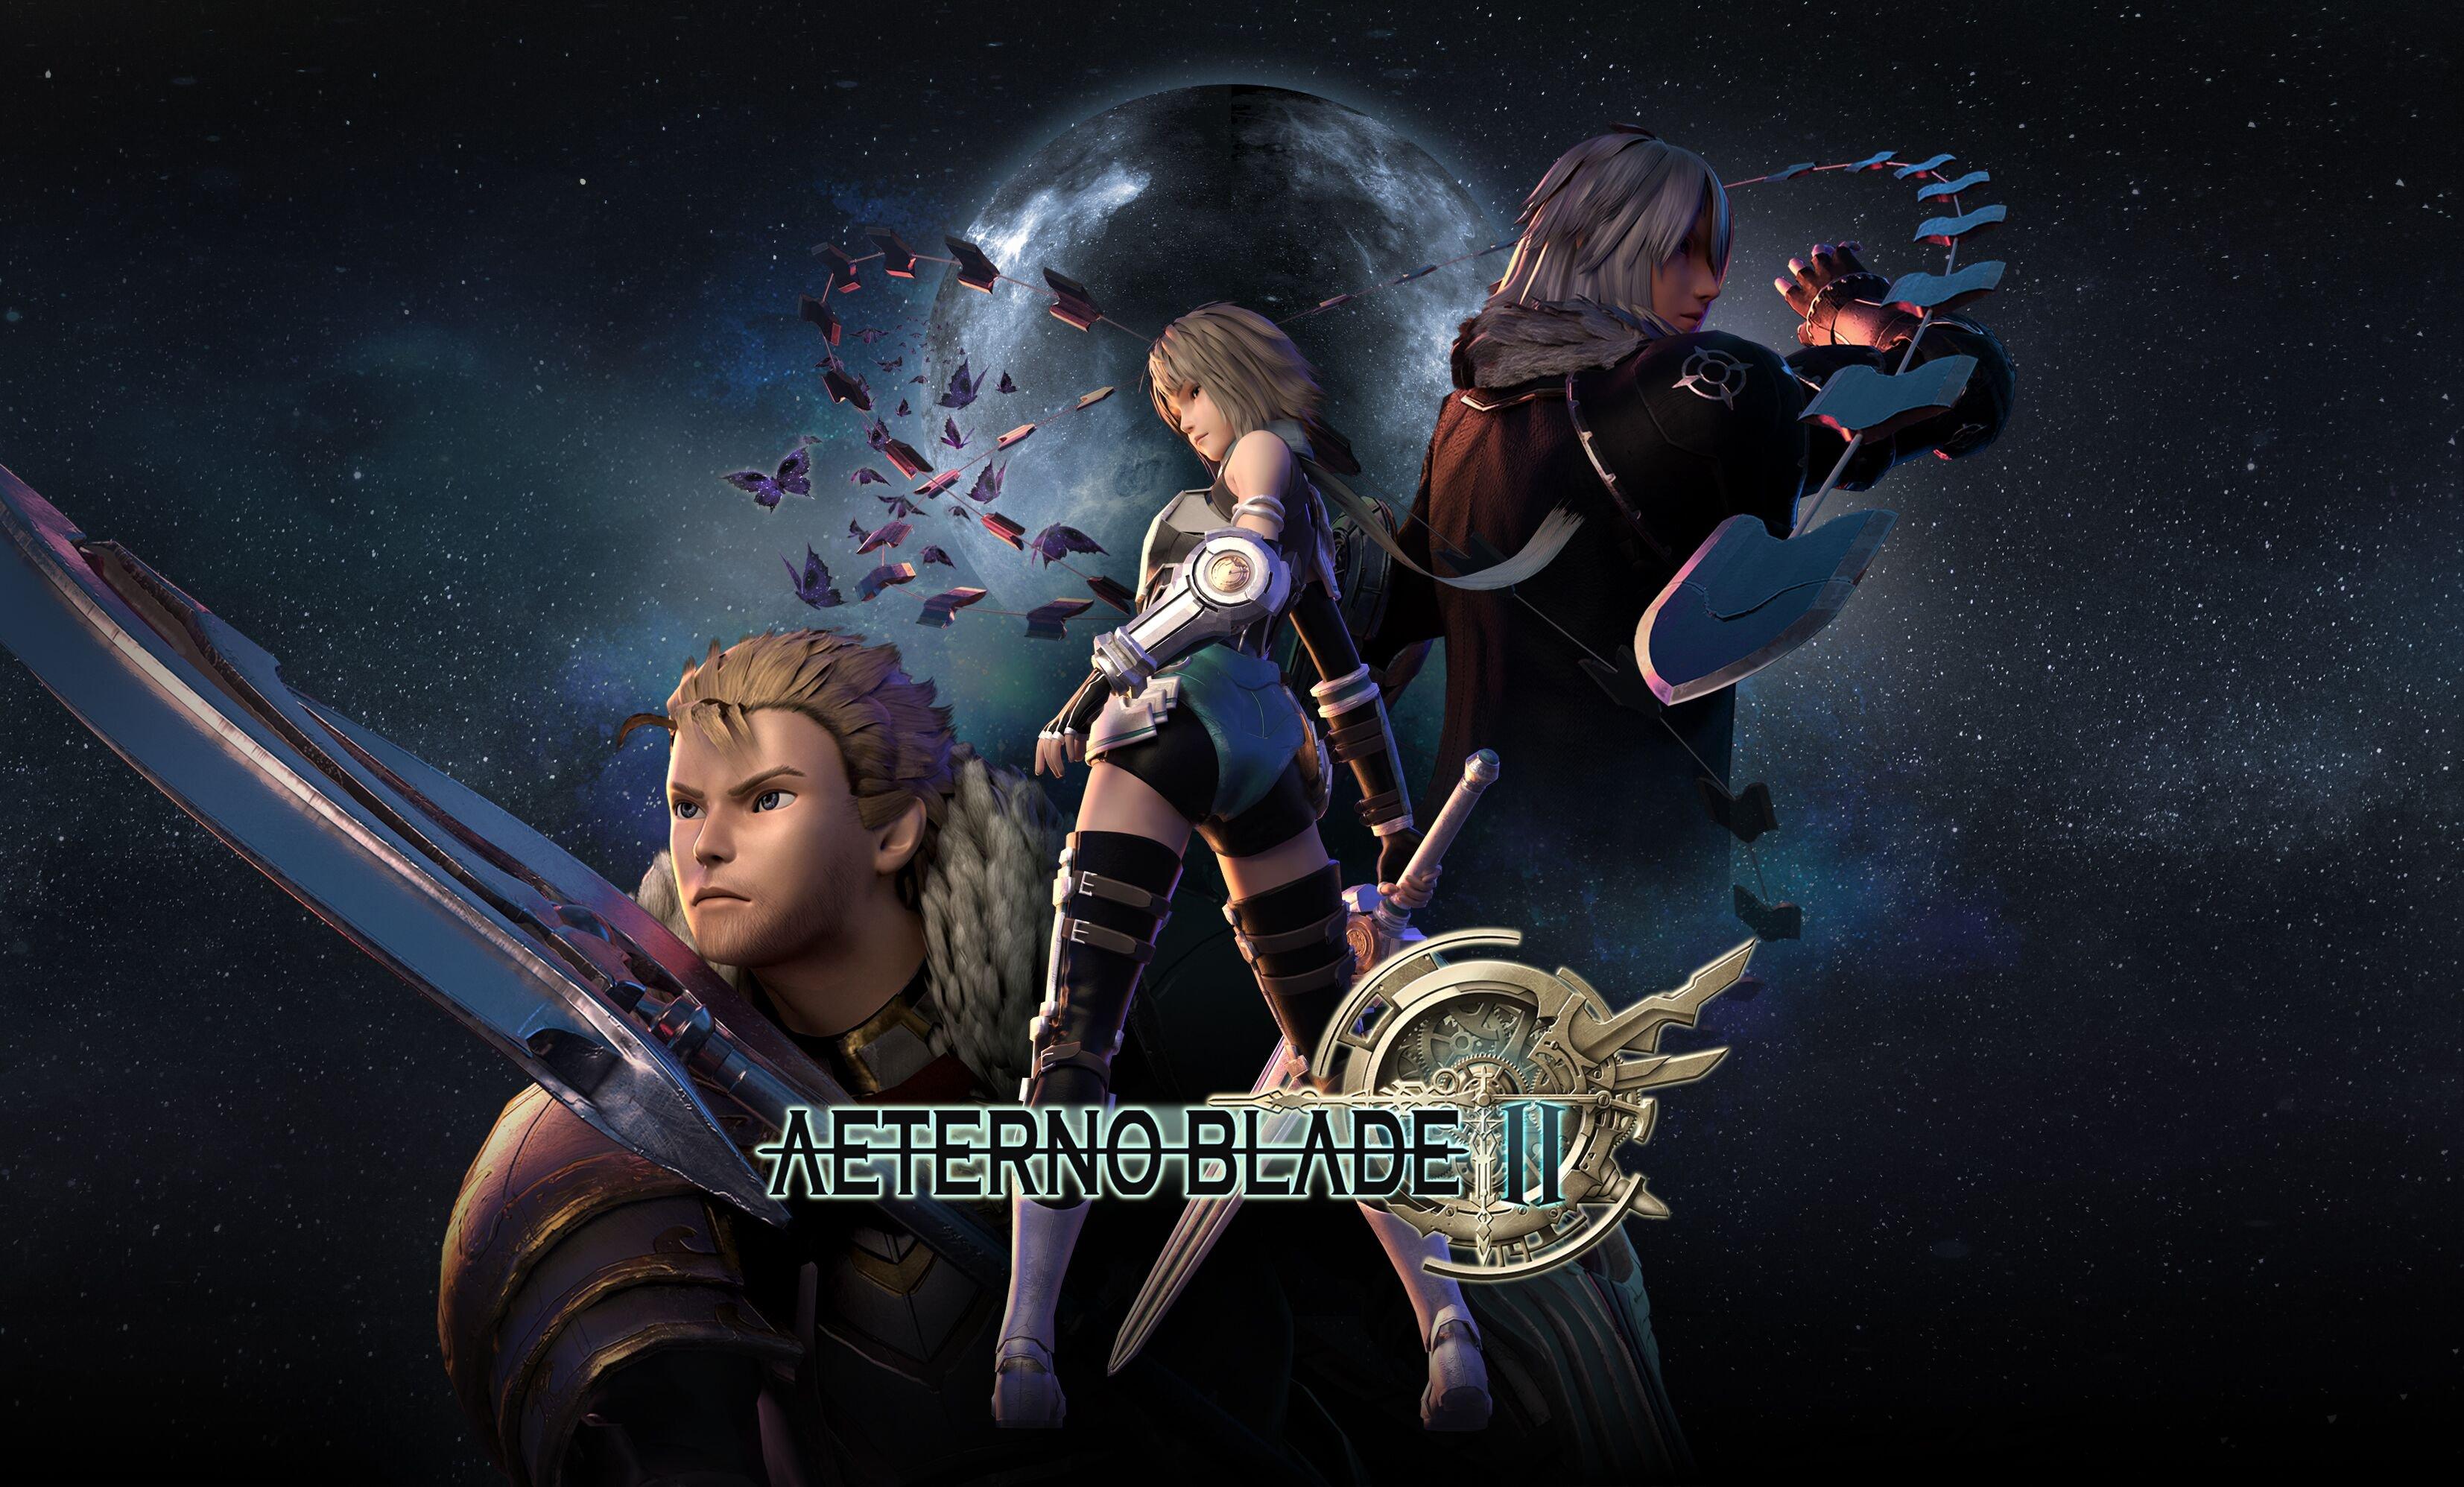 Versão física de AeternoBlade II para o Nintendo Switch é adiada para o próximo mês, versão digital chega normalmente está semana